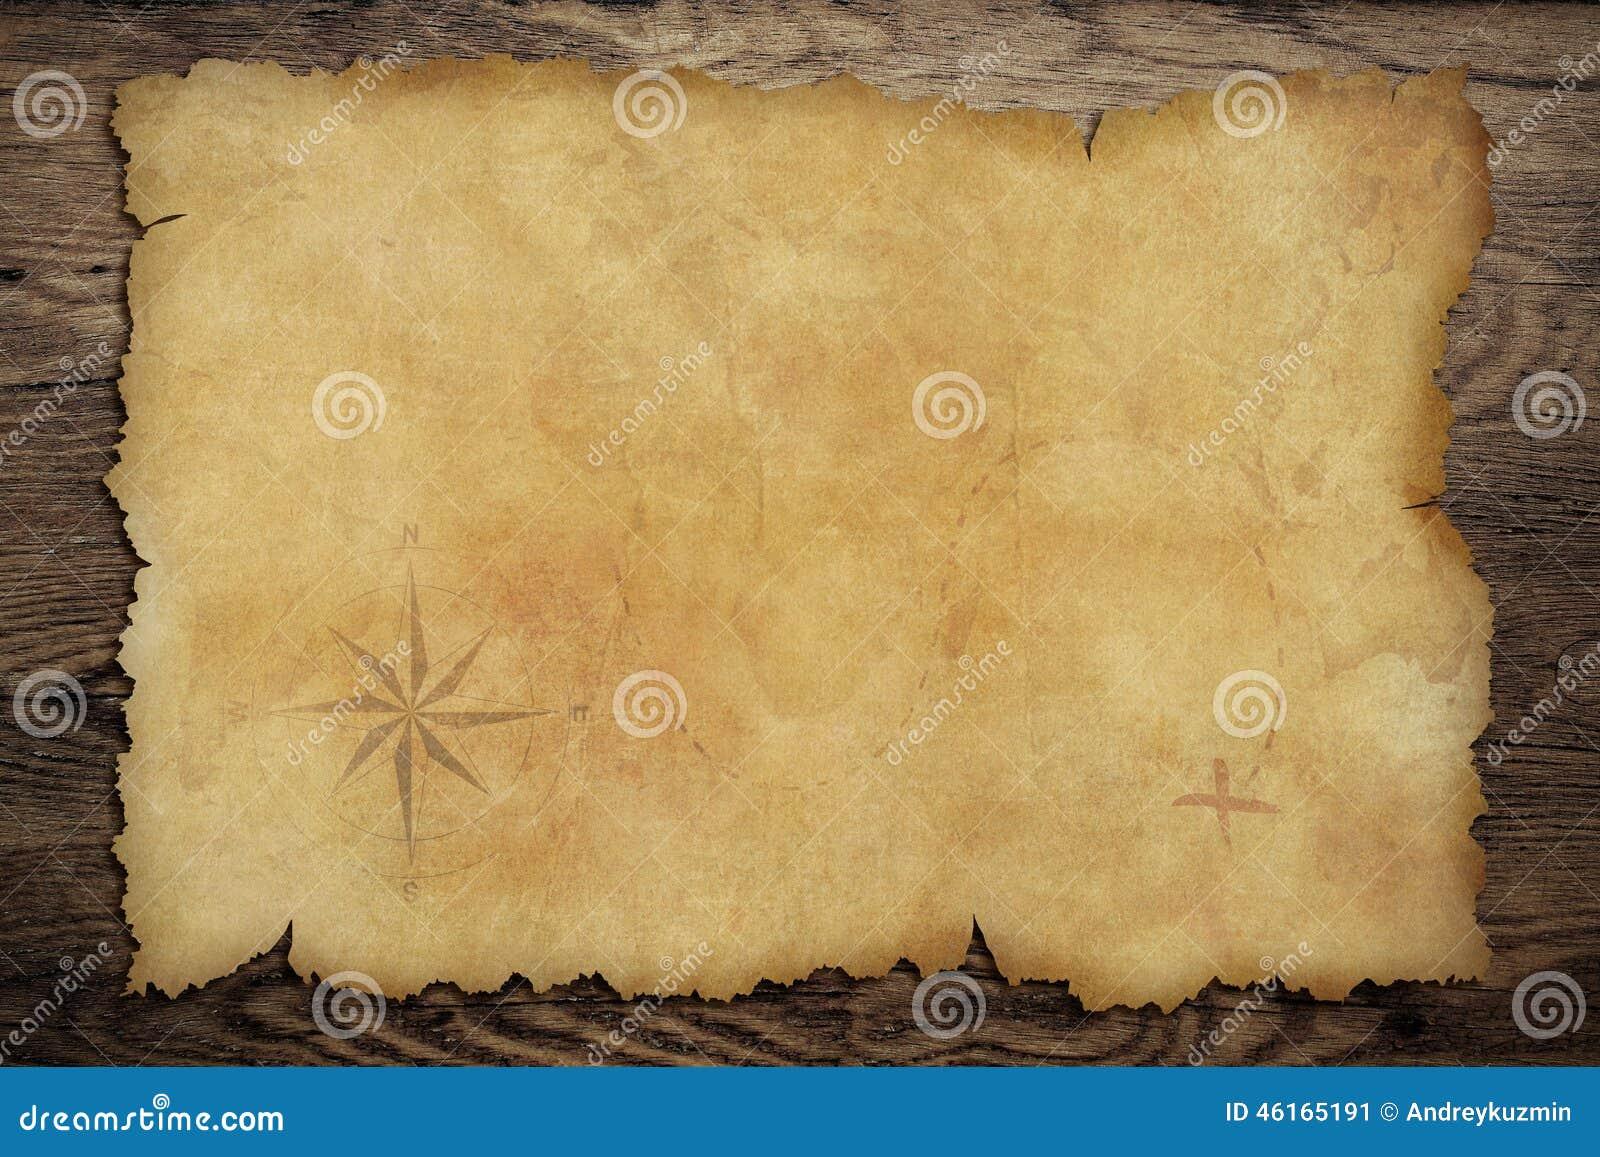 Magnífico Plantilla De Mapa Pirata Componente - Colección De ...